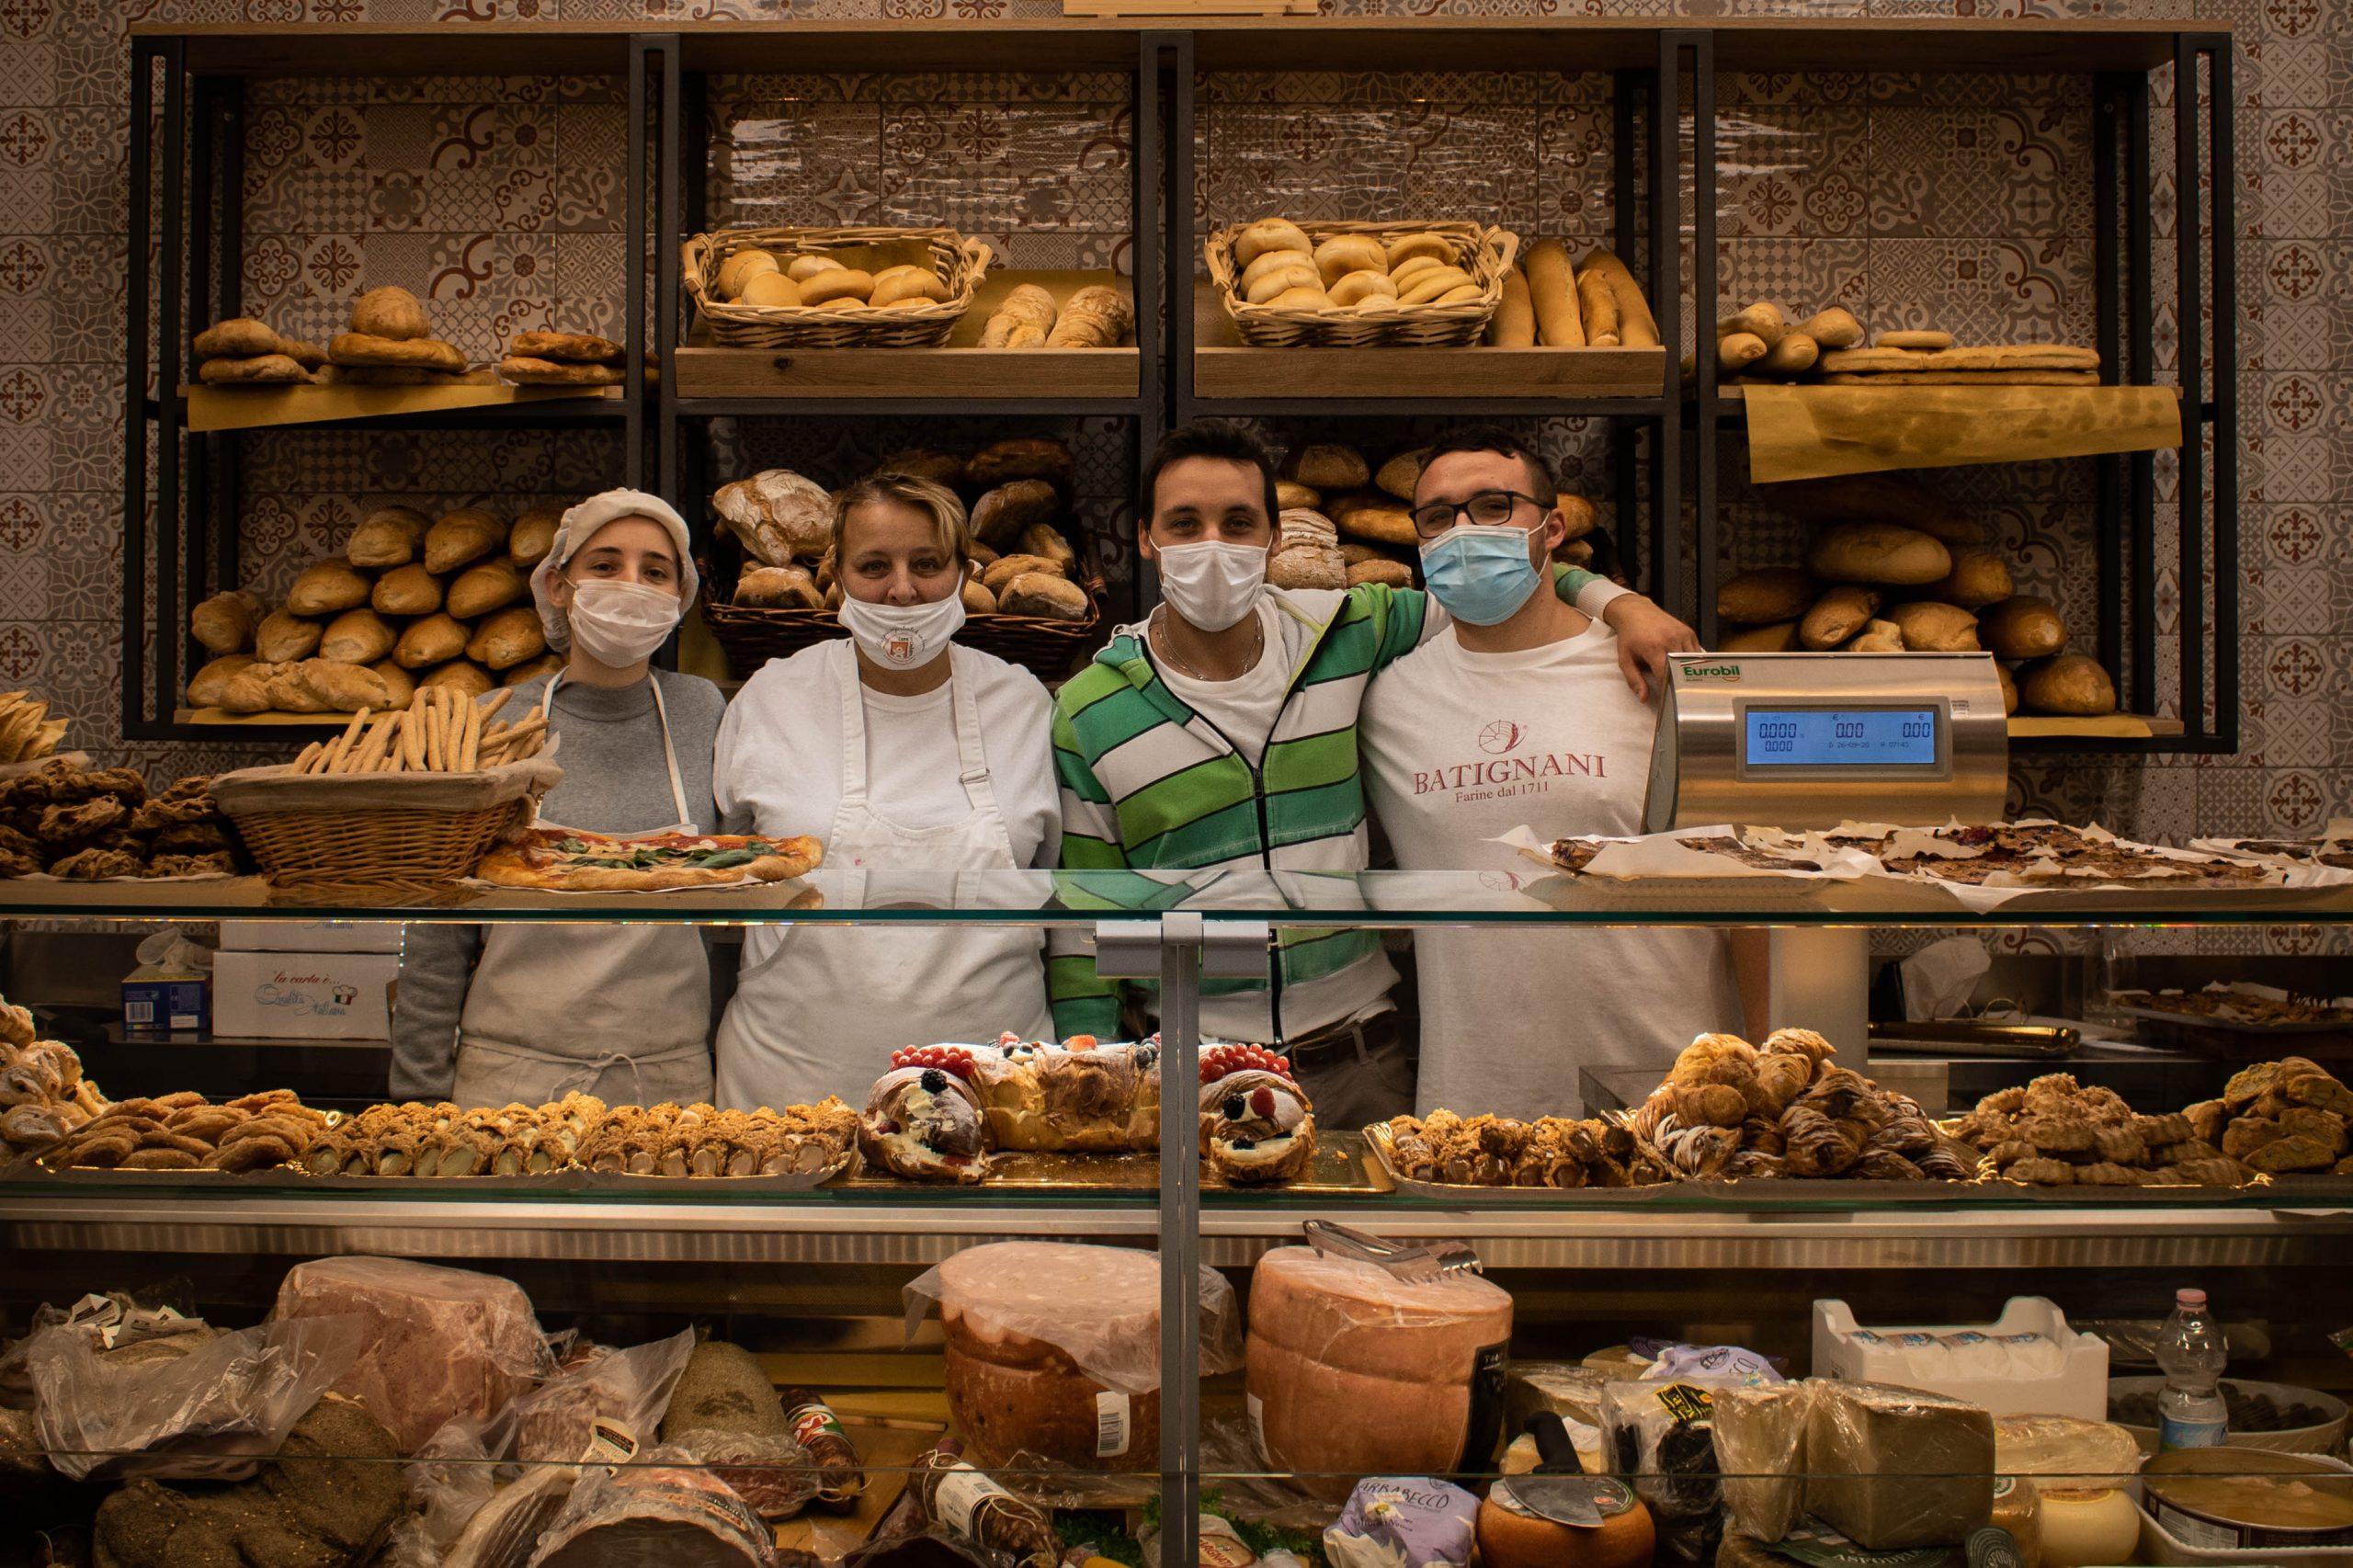 I Panai di Strada: il forno chiantigiano riapre con nuovi sapori tutti da provare!